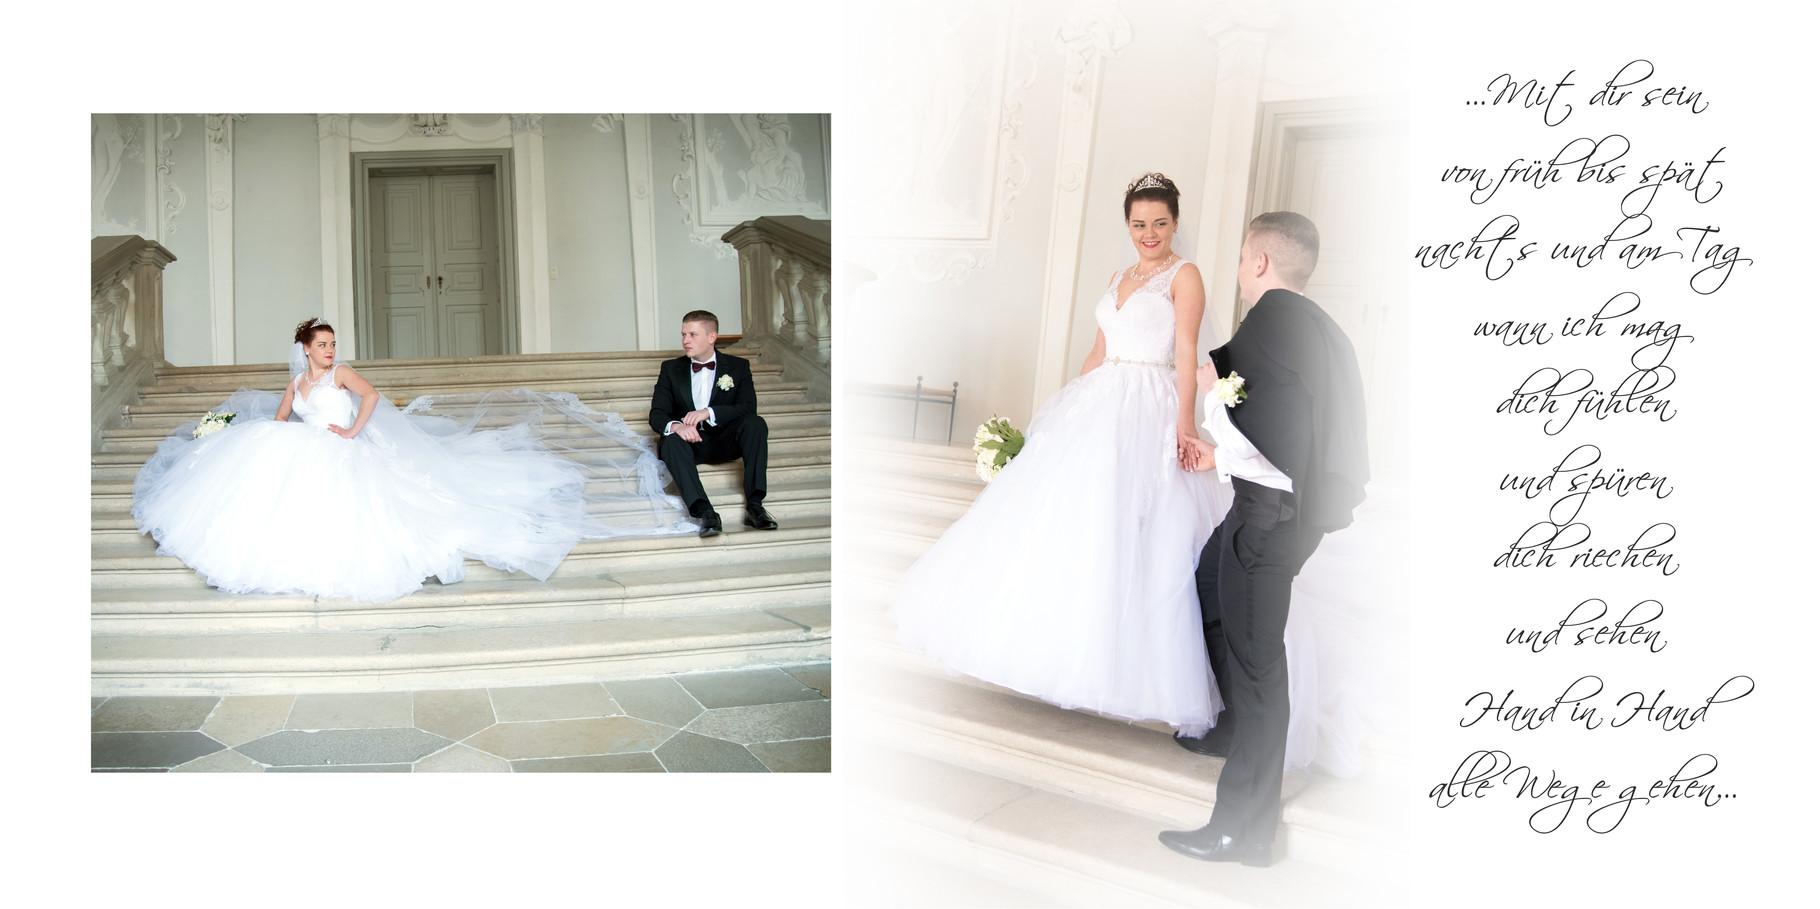 Fotobuch für Hochzeit erstellen